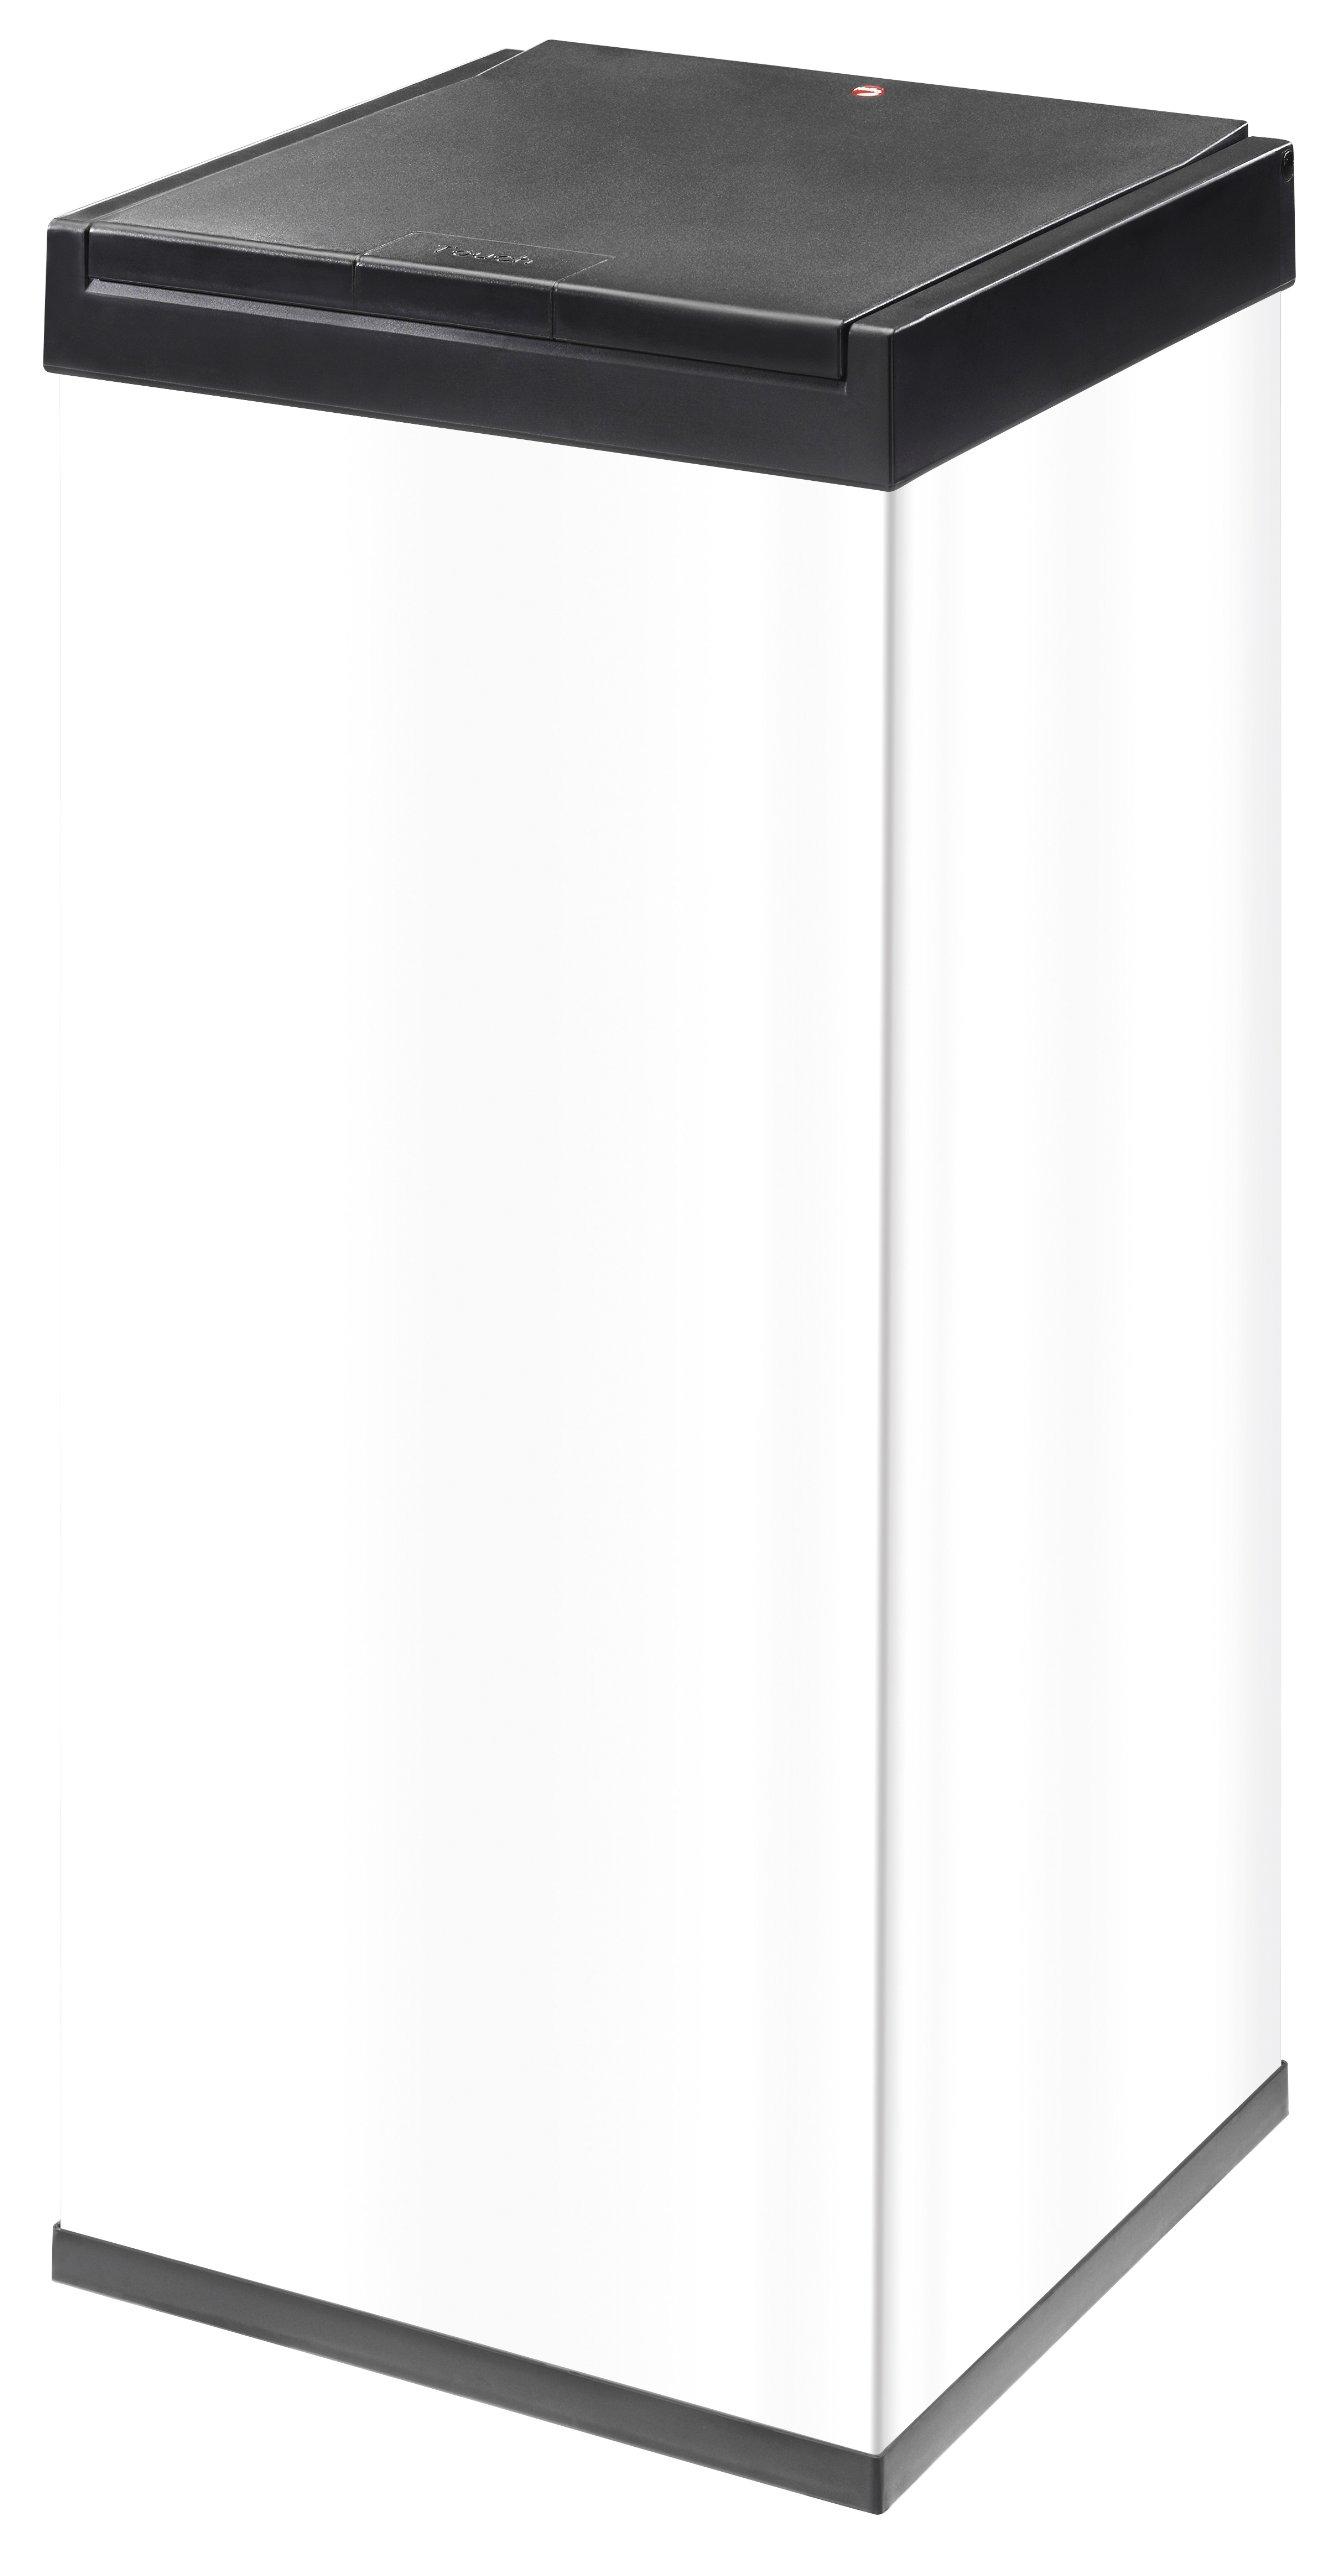 Hailo Big Box 80 Touch Waste Bins, White